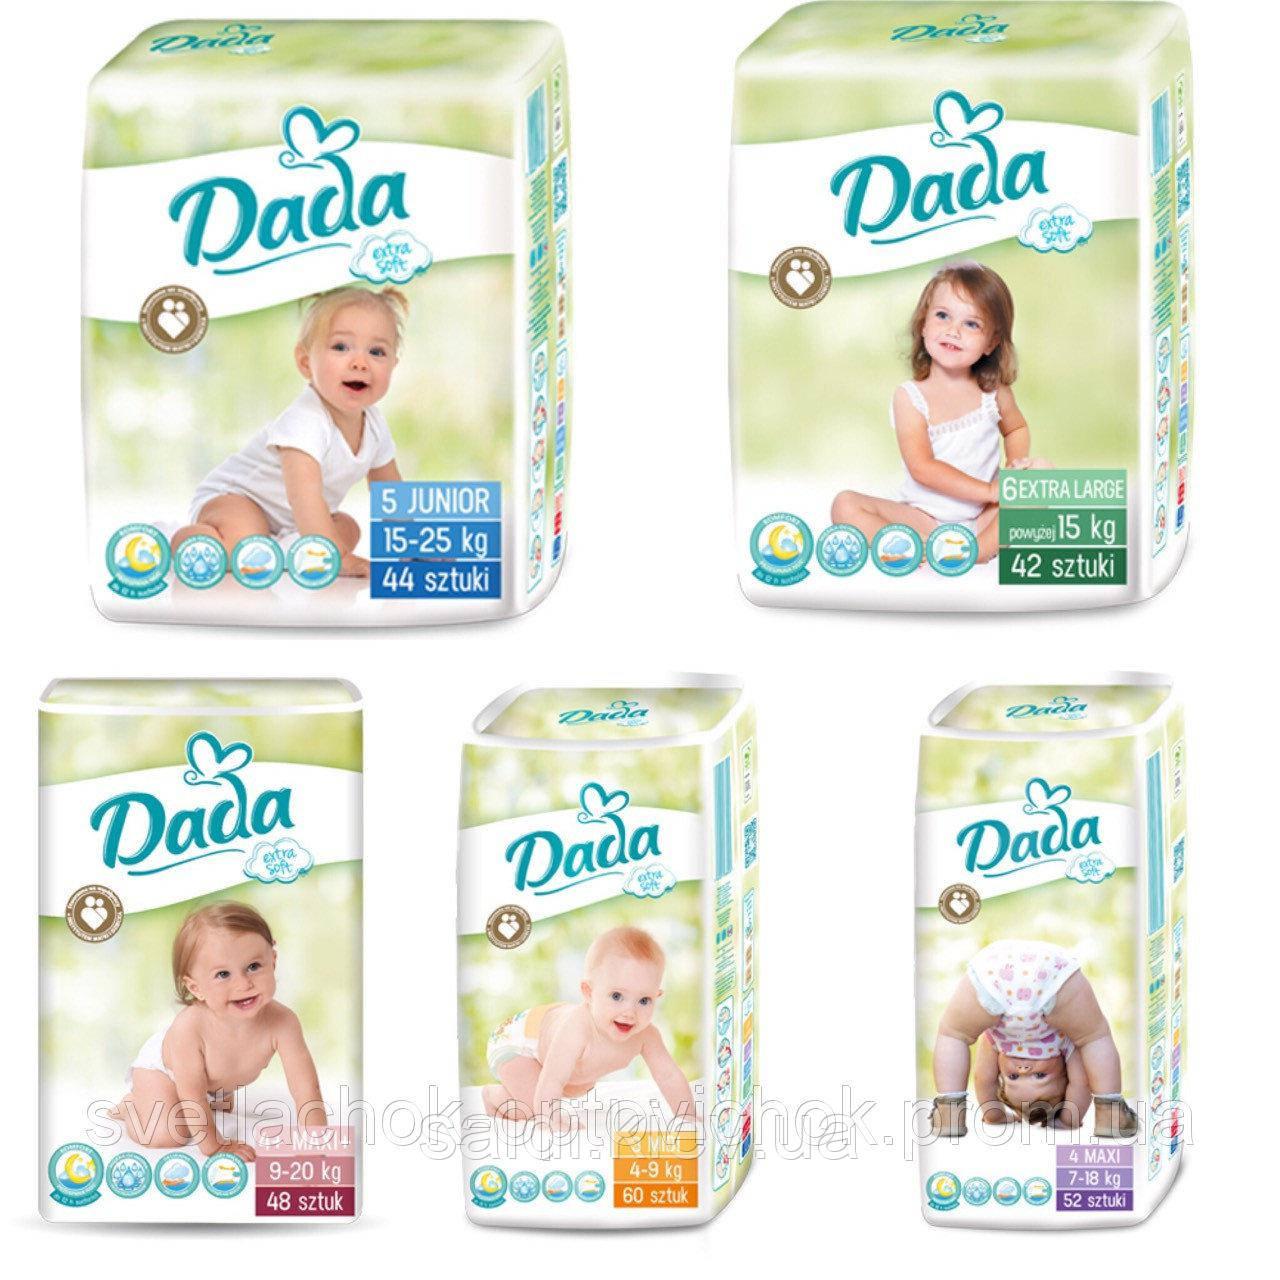 Подгузники Dada Extra soft Дада Софт Все размеры в наличии  продажа ... 21878c2106a